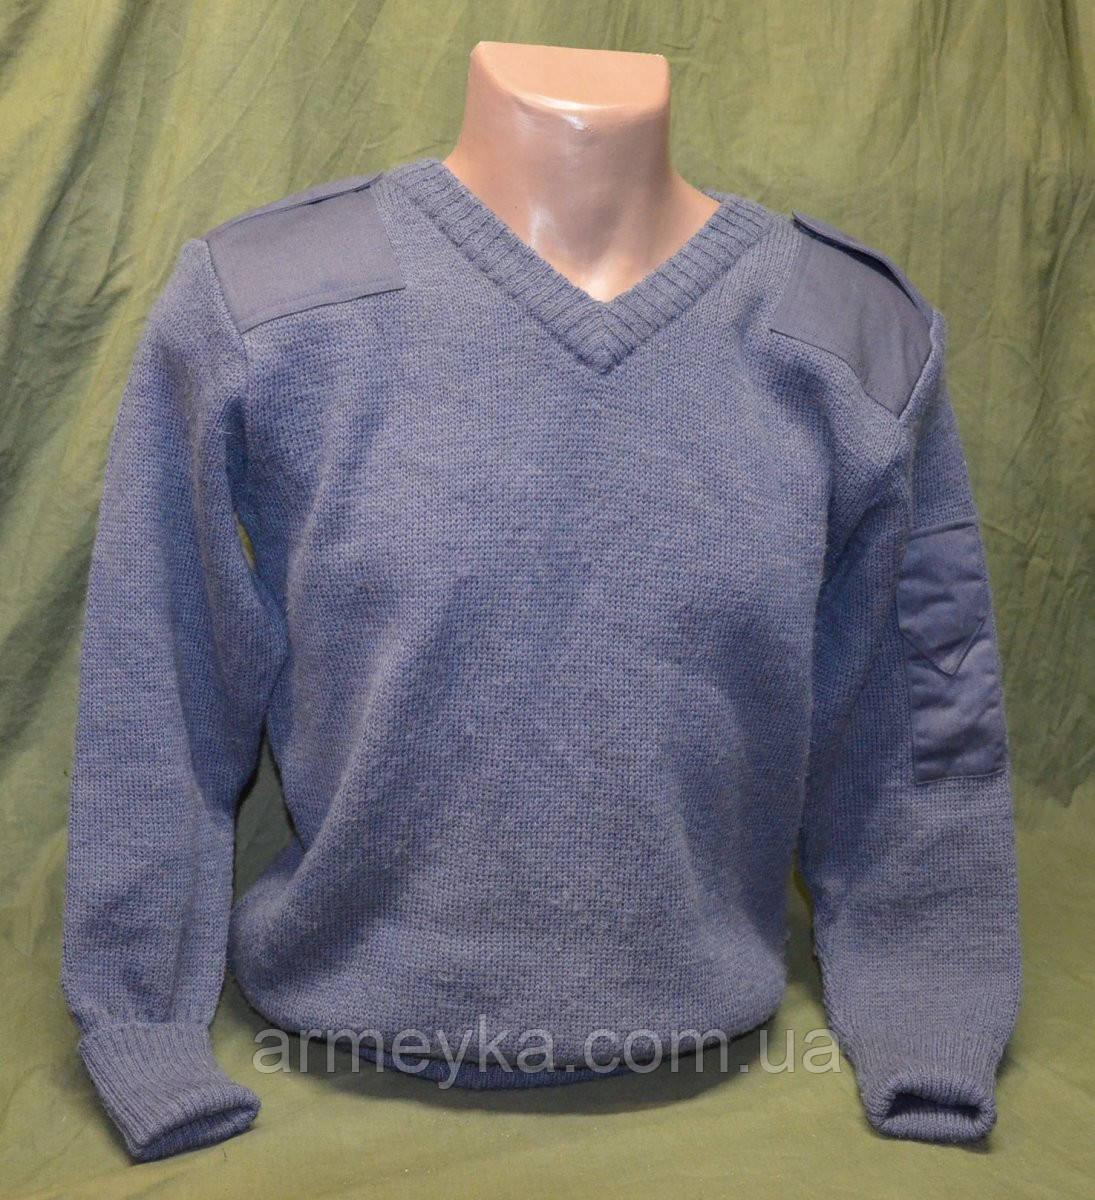 Шерстянные свитера Британские ВС( серый), бу, оригинал